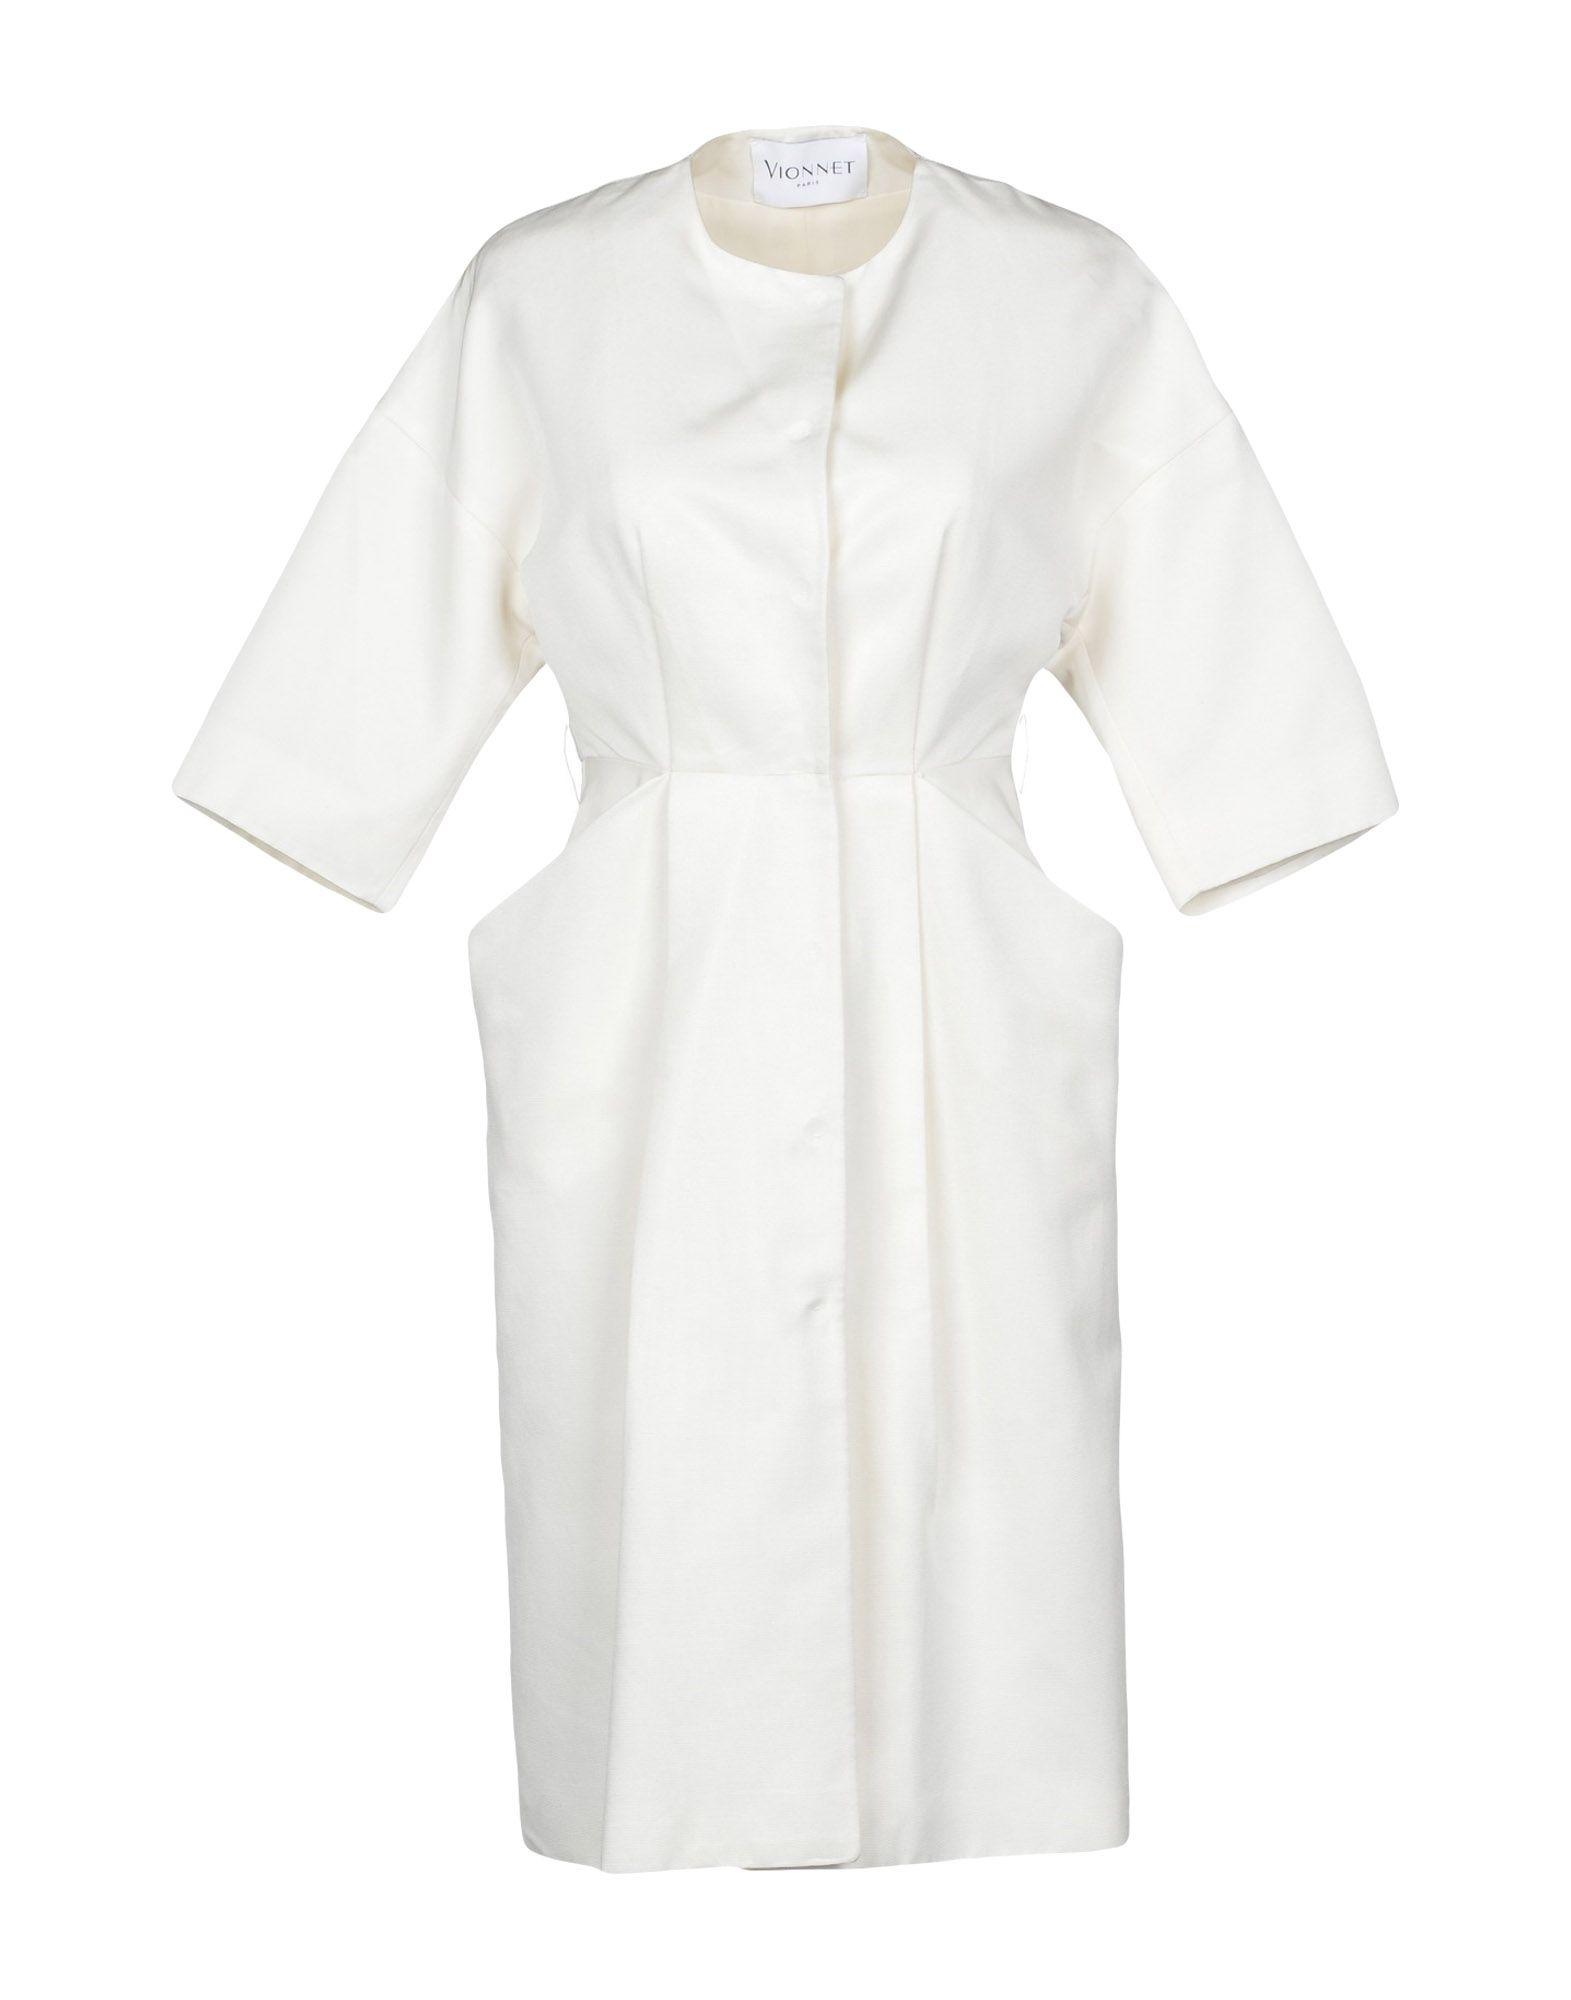 VIONNET Full-Length Jacket in White